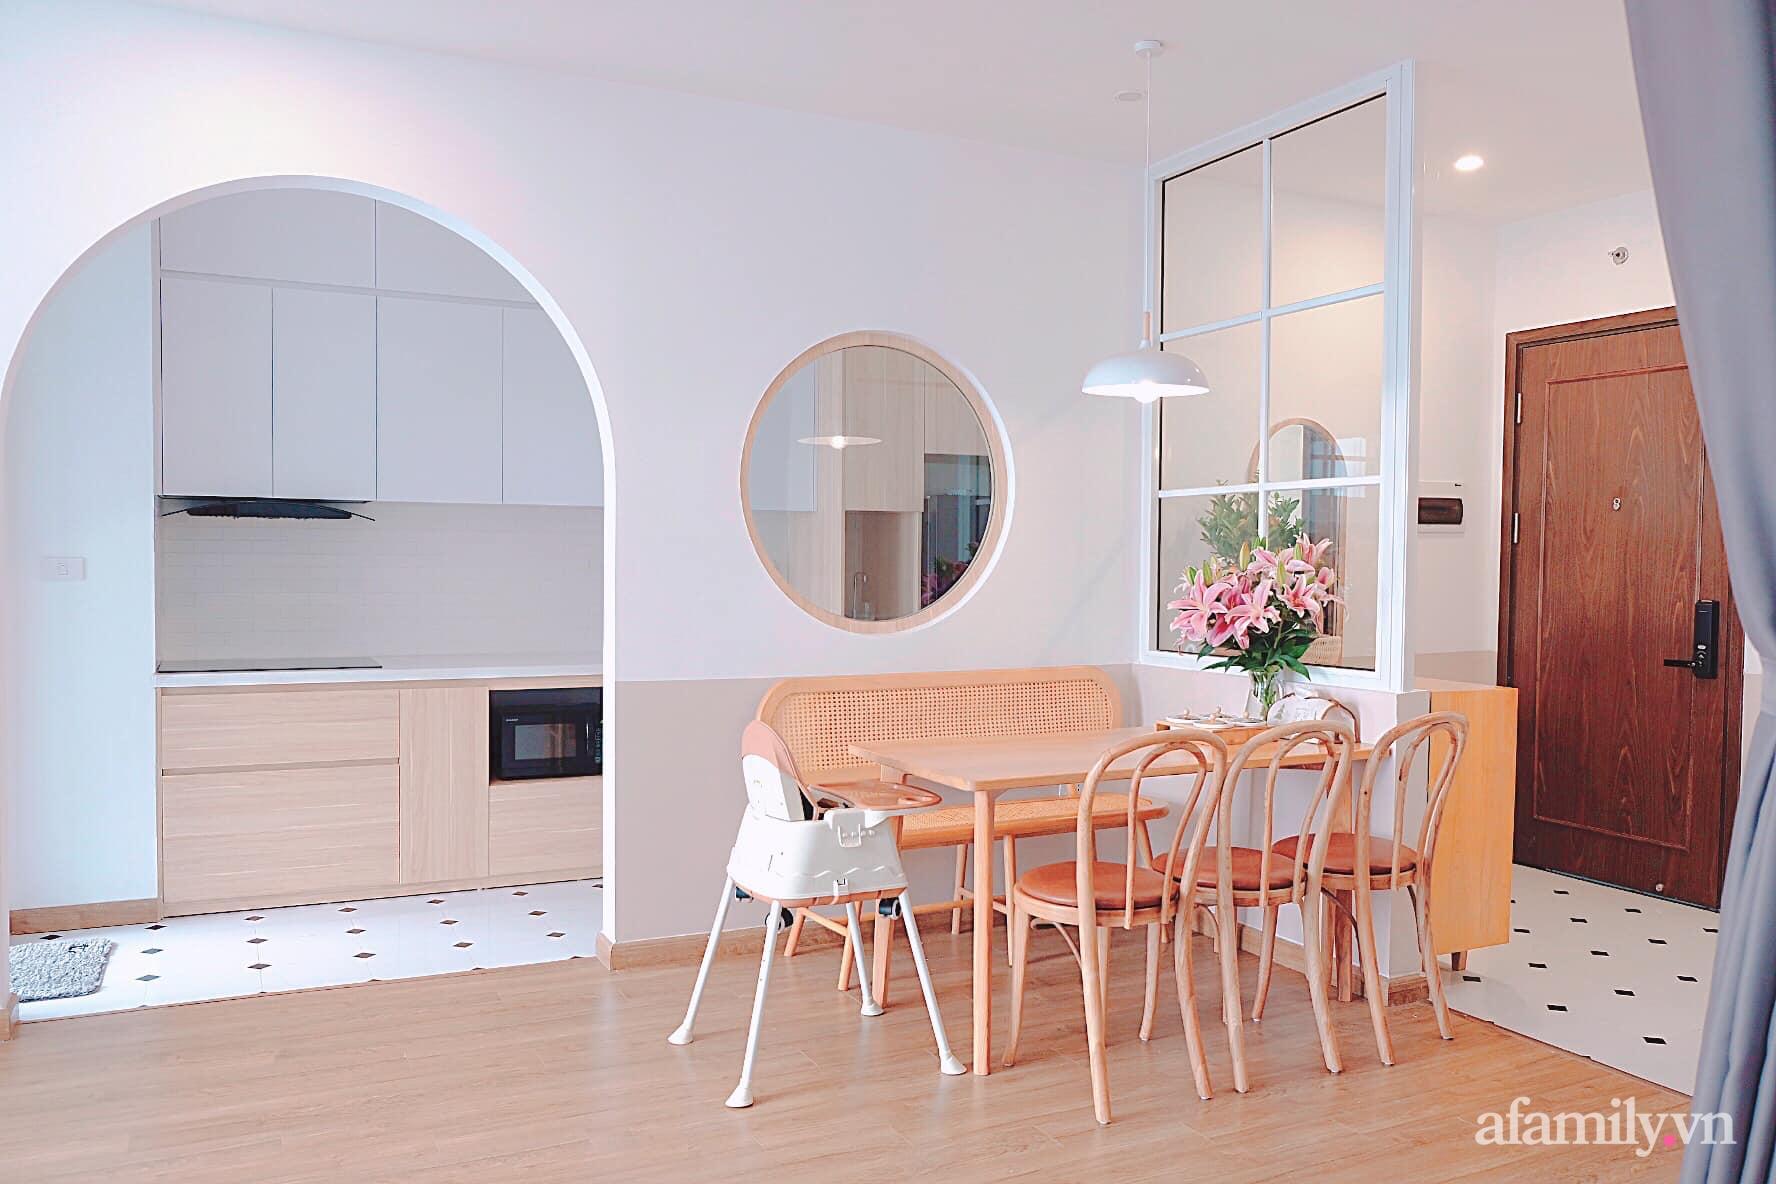 Căn hộ 78m² đẹp tinh tế và tiện dụng với phong cách tối giản của cặp vợ chồng trẻ ở Hà Nội - Ảnh 9.